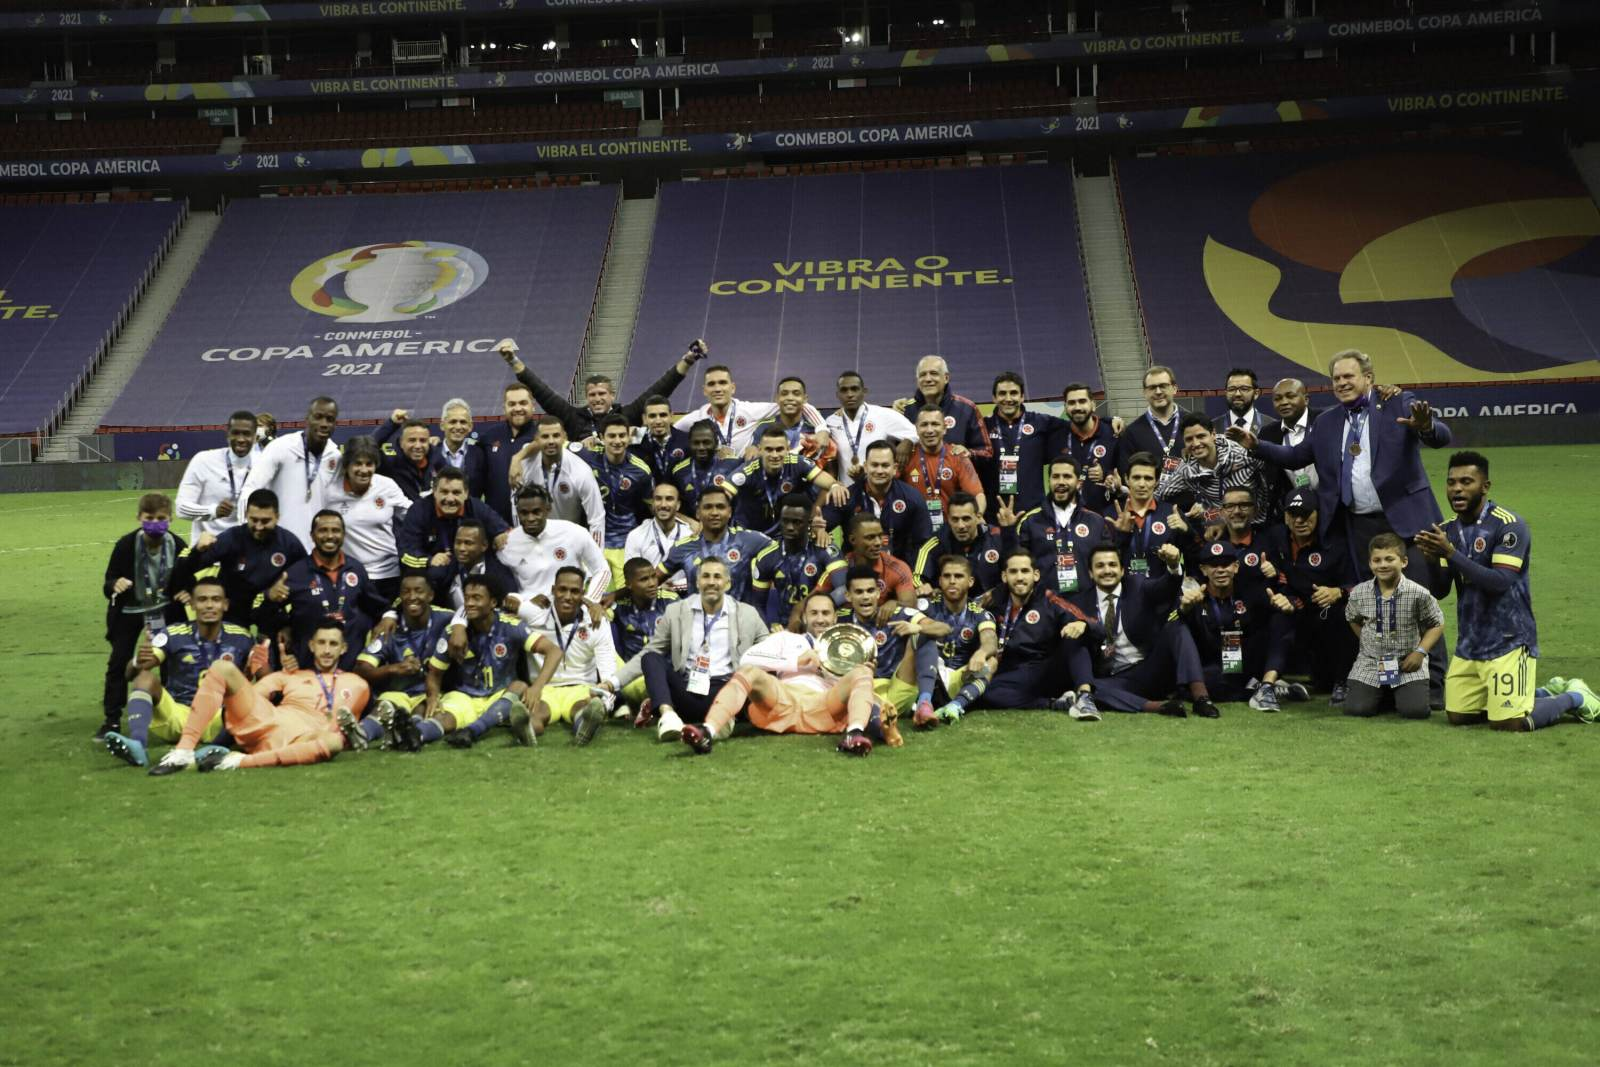 Уругвай вырвал победу над Эквадором, Колумбия разобралась с Чили